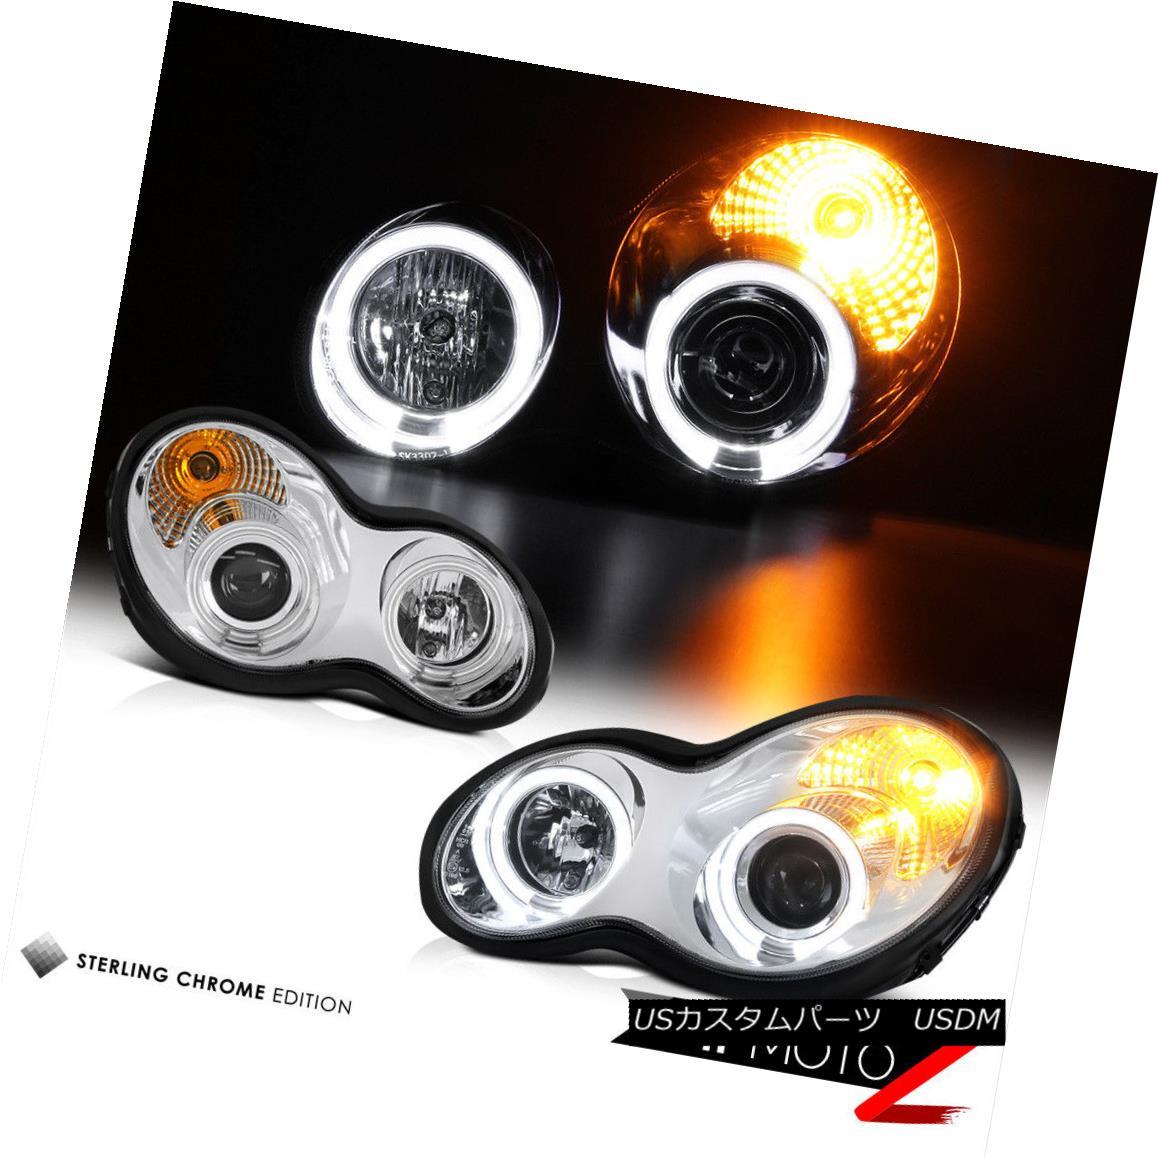 ヘッドライト 2001-2007 MB C-CLASS W203 Angel Eye [CCFL ANGEL EYE] Projector Headlights Lamps 2001-2007 MB C-CLASS W203 Angel Eye [CCFL ANGEL EYE]プロジェクターヘッドライトランプ